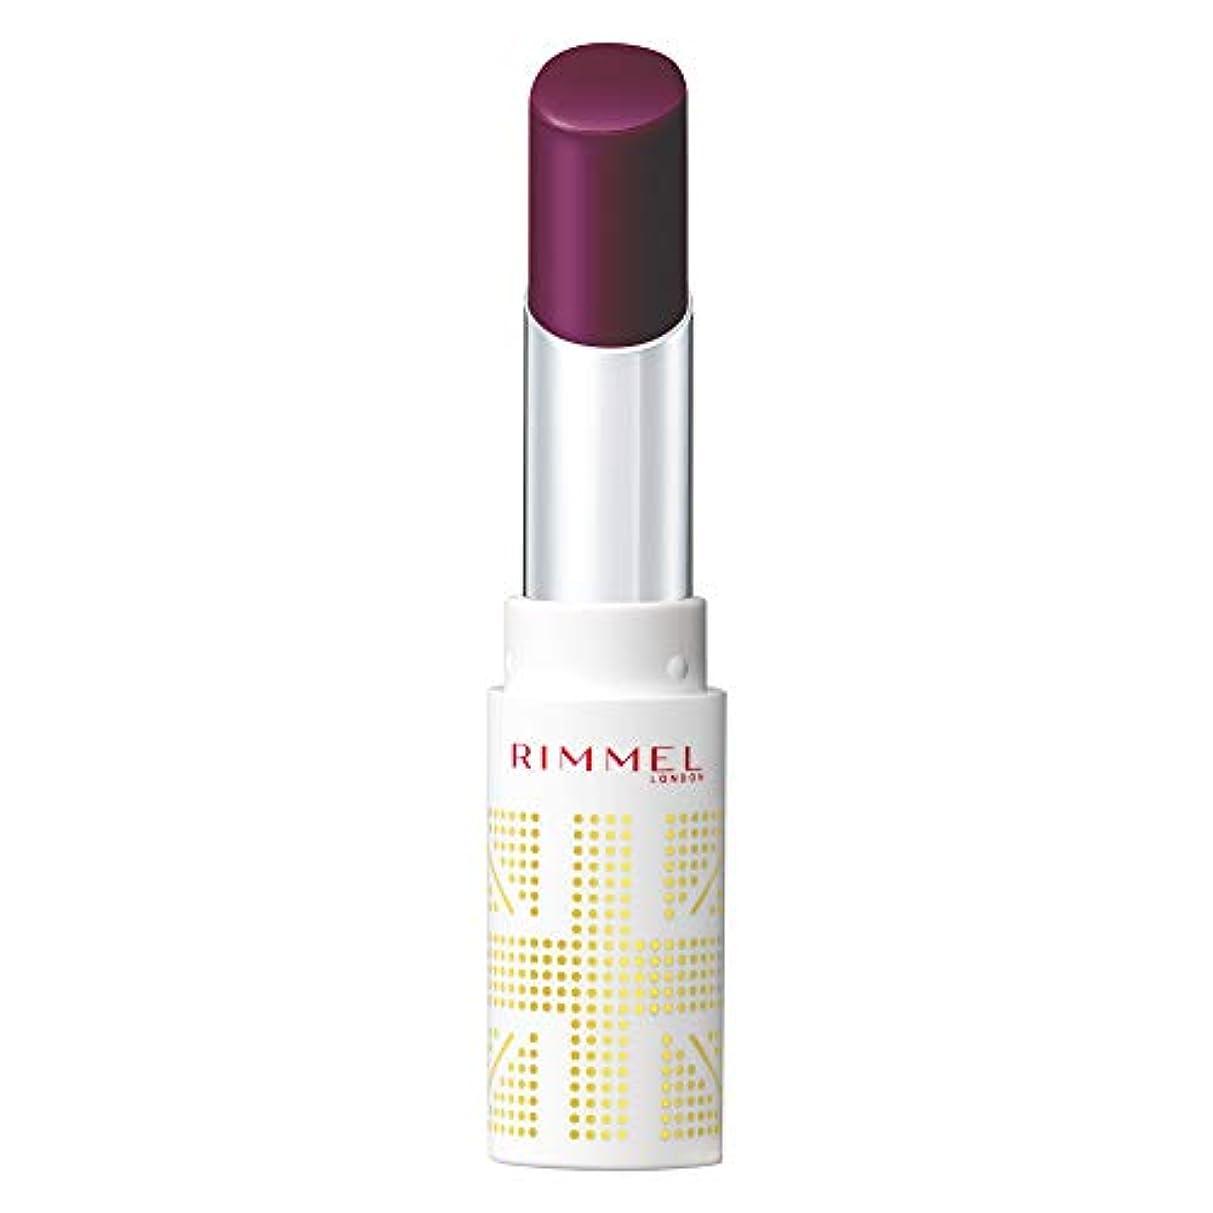 害言い換えるとおRimmel (リンメル) リンメル ラスティングフィニッシュ オイルティントリップ 005 ダークパープル 3.8g 口紅